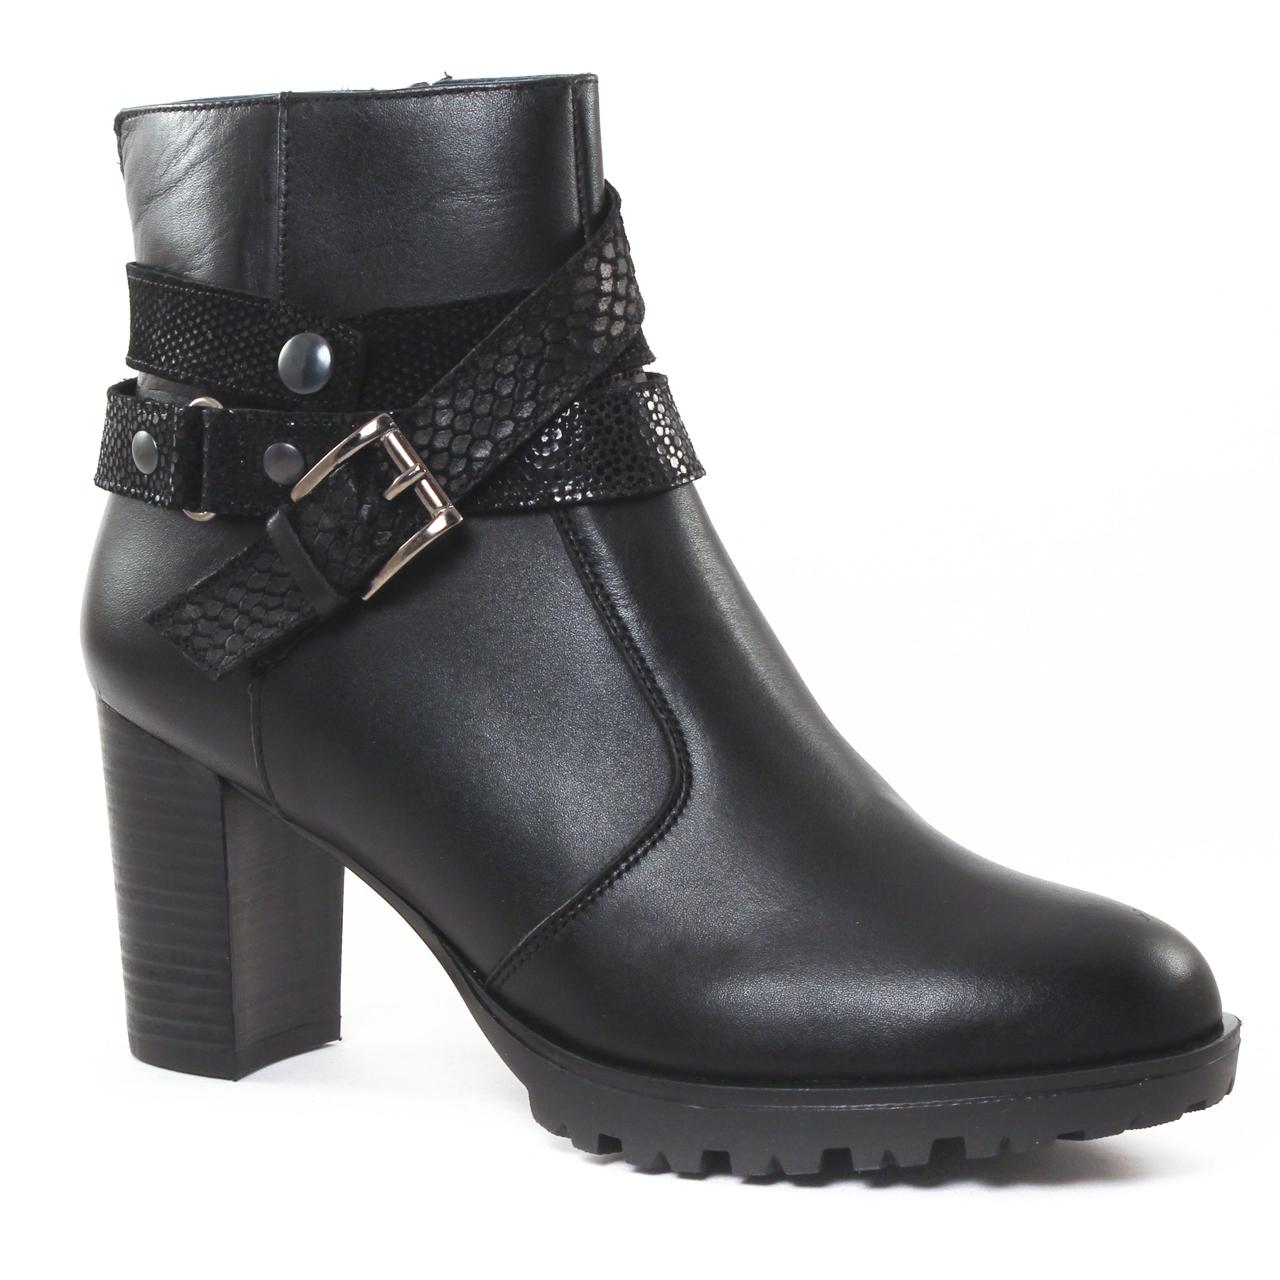 scarlatine 3001 noir | boot talon noir automne hiver chez trois par 3